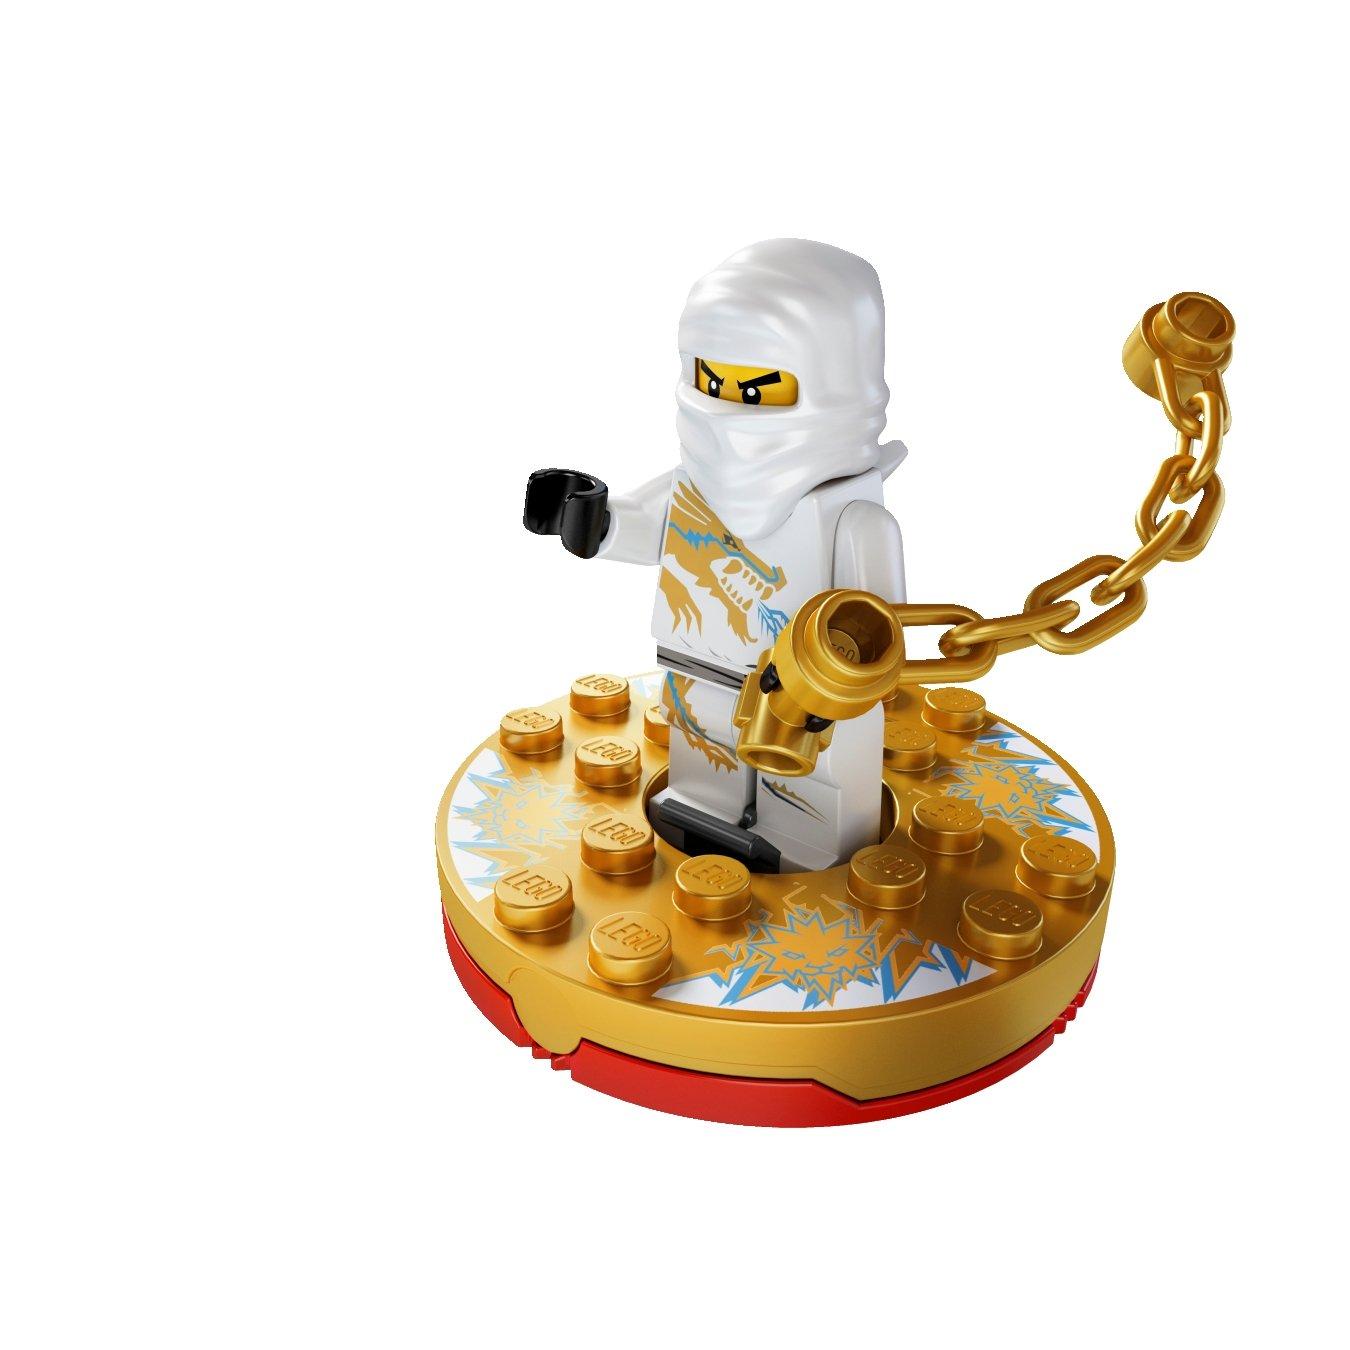 amazoncom lego ninjago zane dx toys games - Jeux De Lego Ninjago Spinjitzu